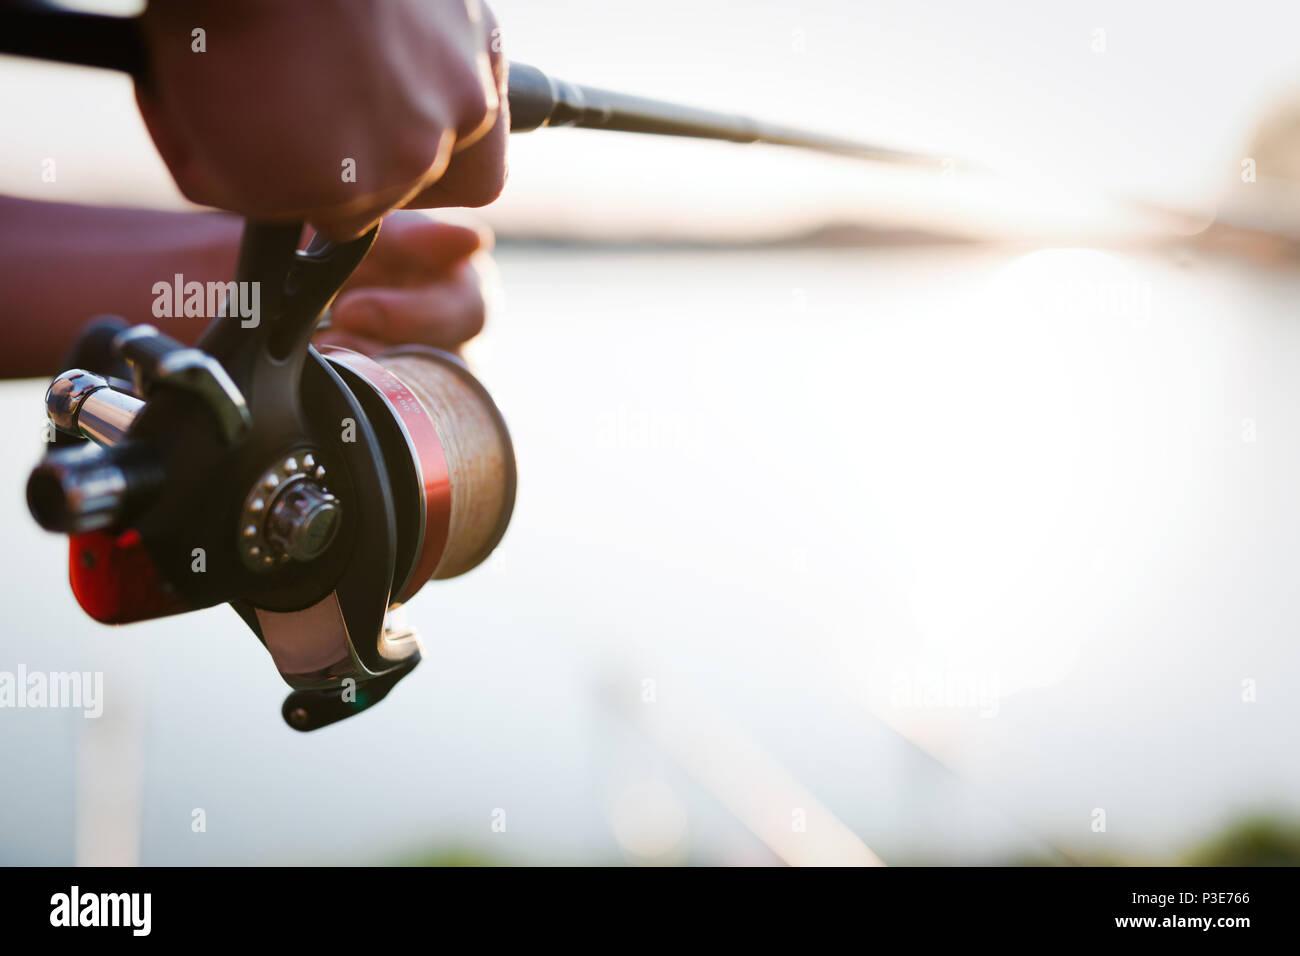 La pesca recreativa, hobby y concepto - los pescadores Imagen De Stock